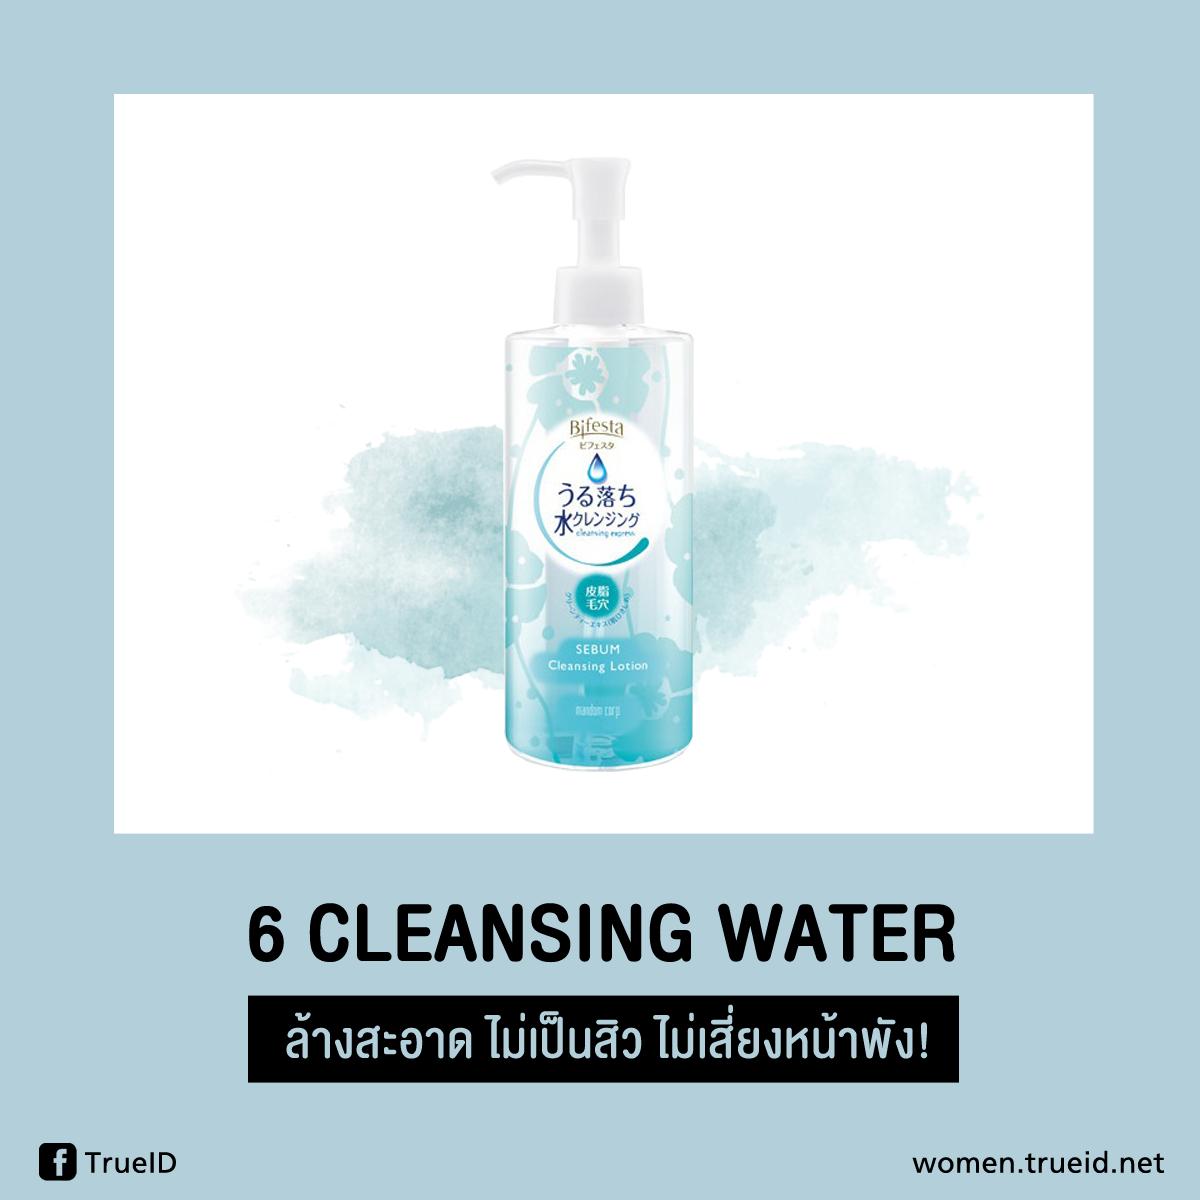 6 Cleansing Water ตัวท็อป ล้างสะอาด ไม่เป็นสิว ไม่เสี่ยงหน้าพัง!